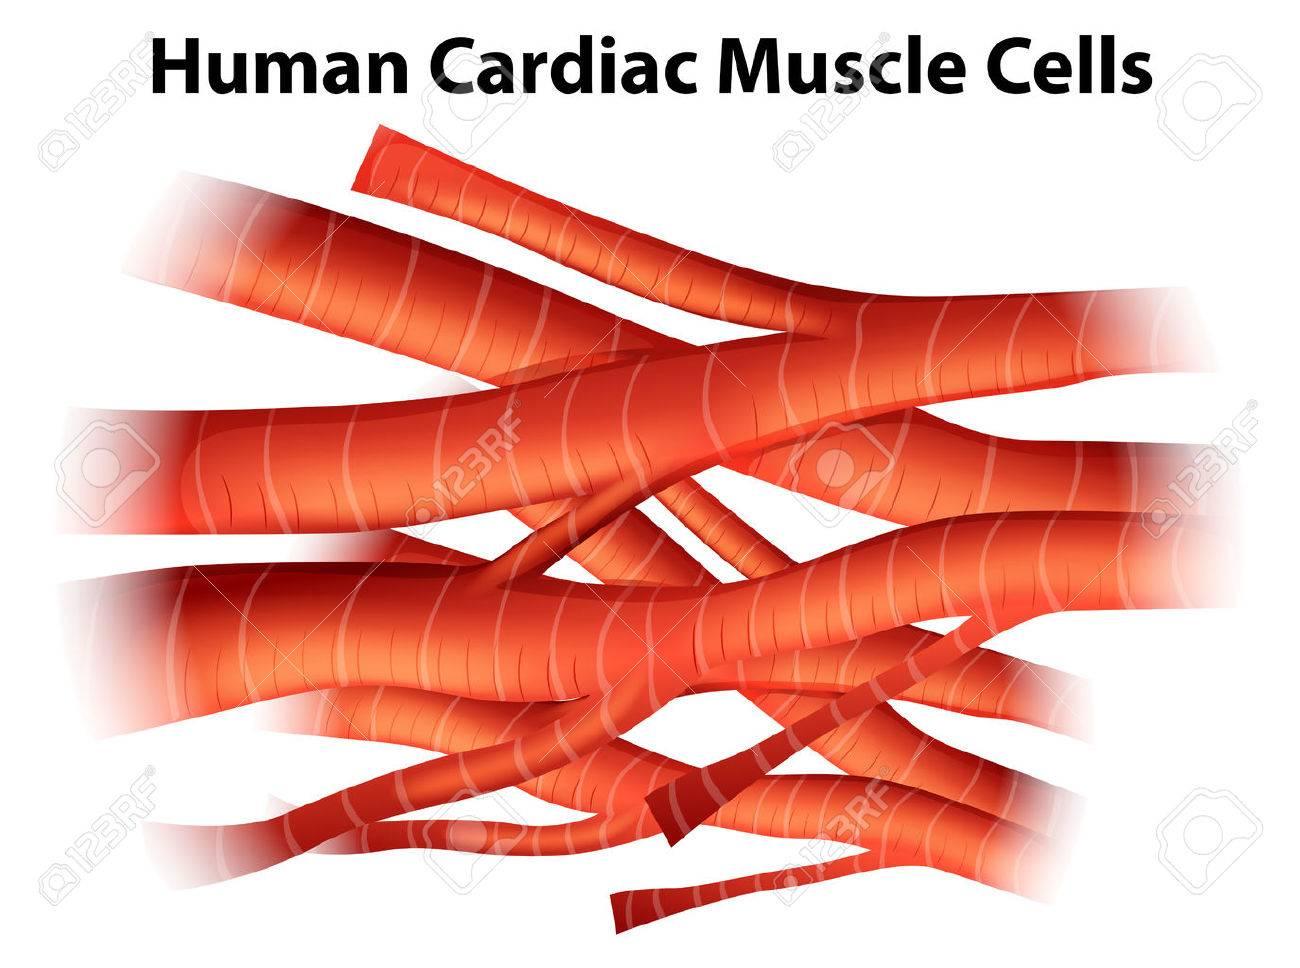 Ilustración De Las Células Musculares Cardíacas Humanas Sobre Un ...